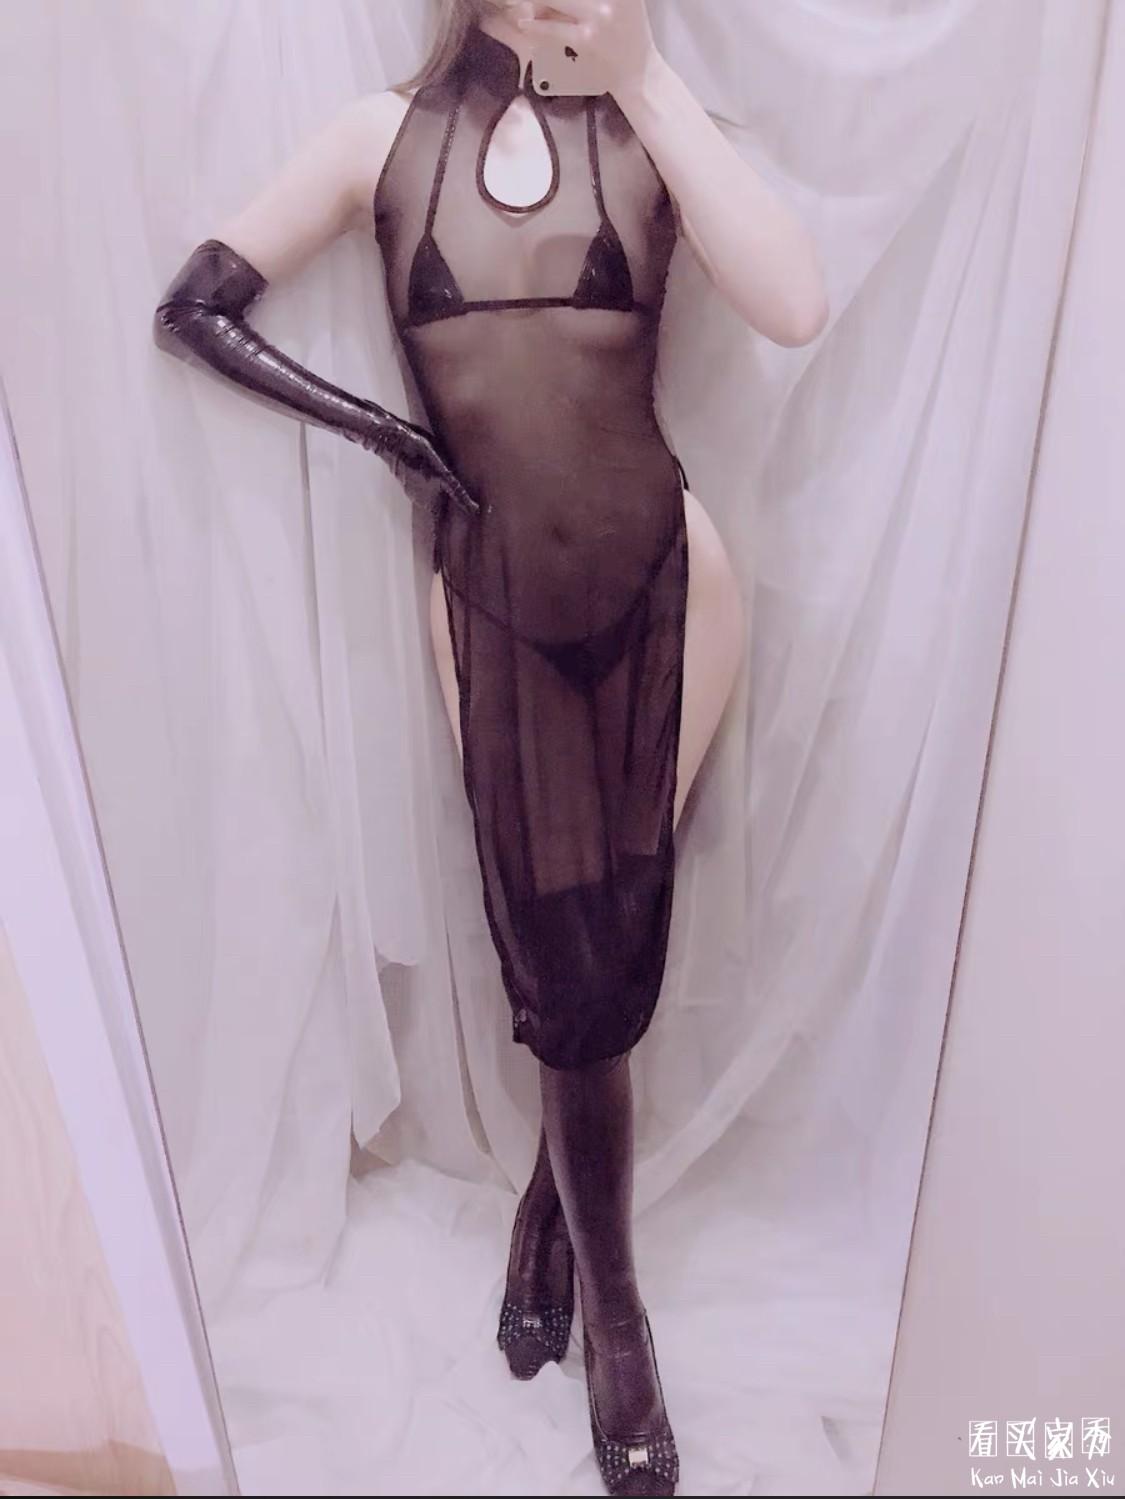 网纱旗袍买家秀,很想挑战穿着这件旗袍真空出门